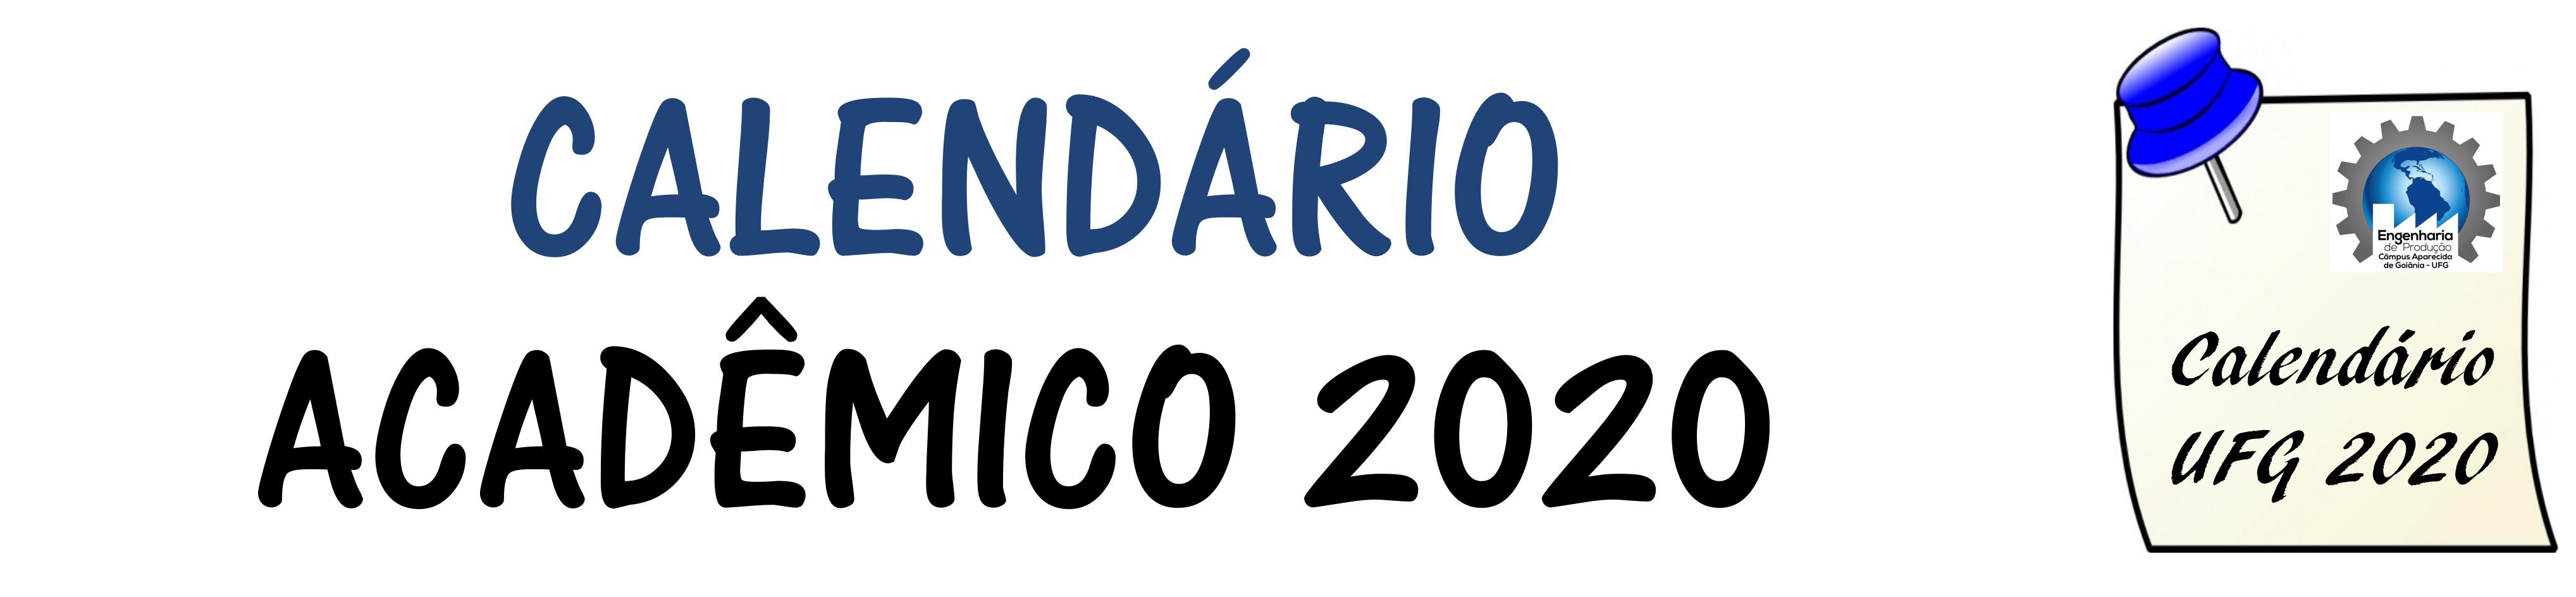 Calendario_2020_banner